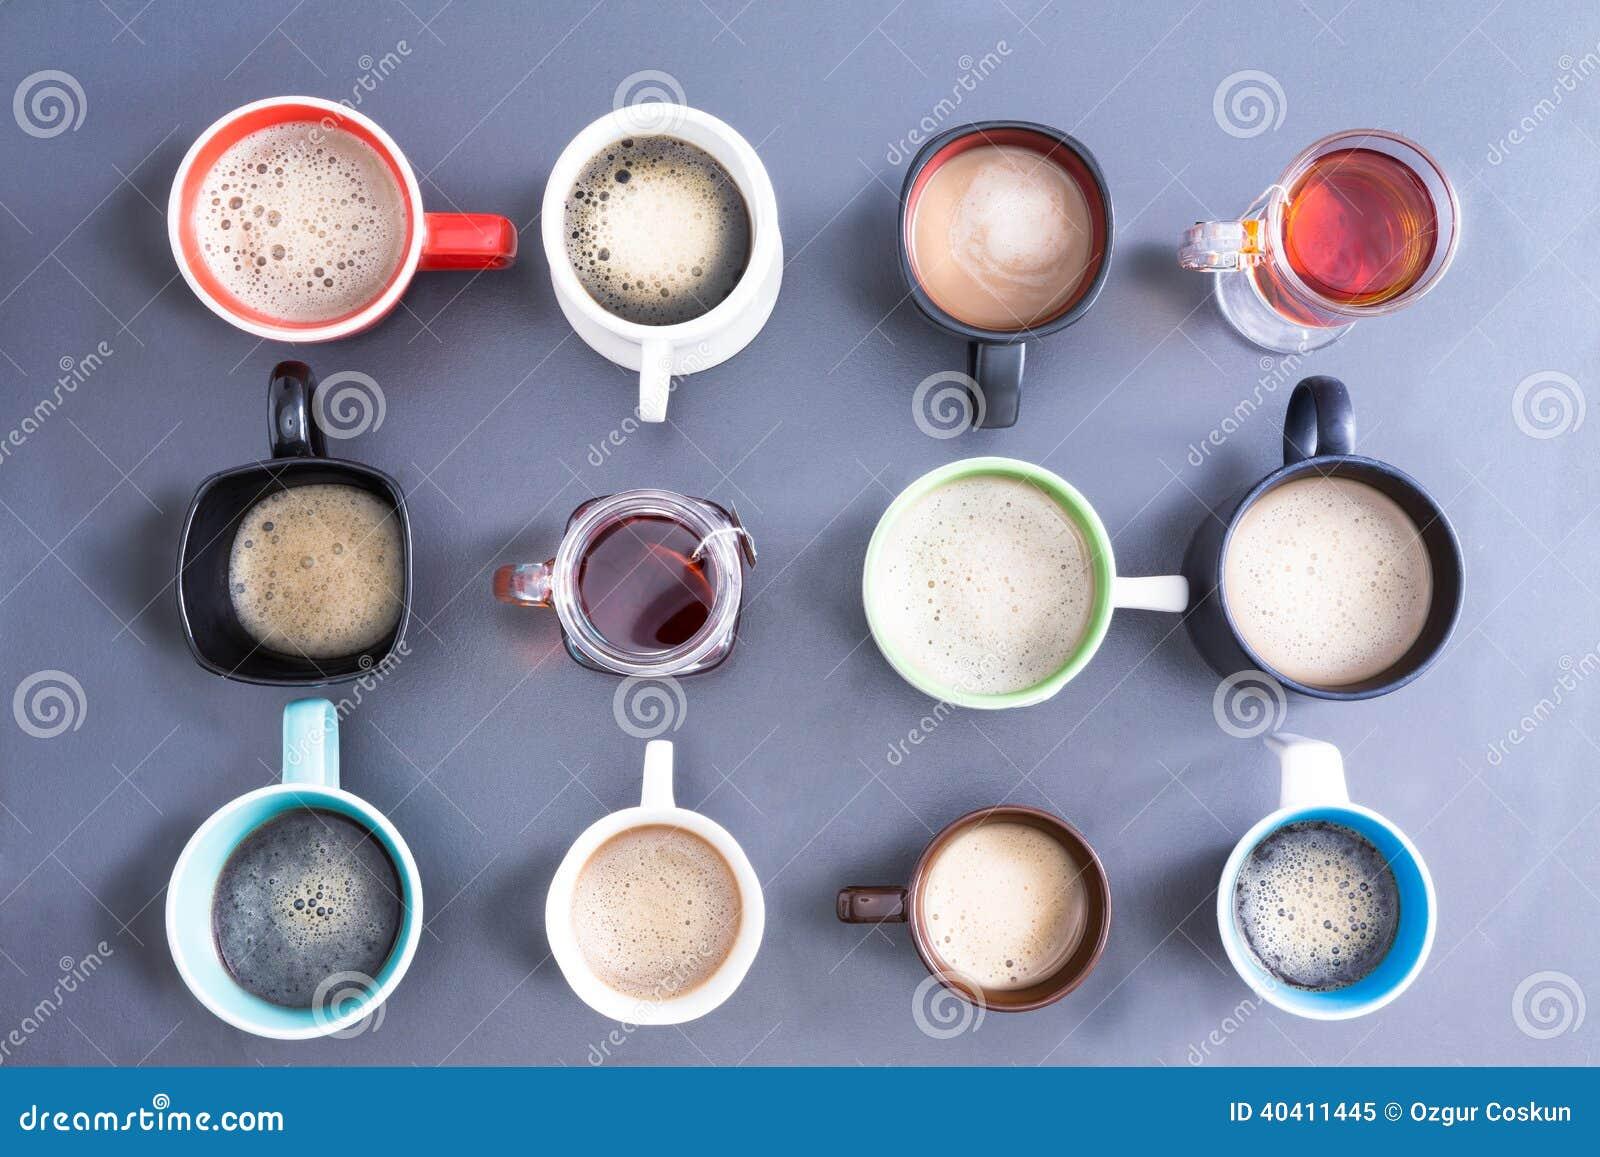 全办公室的泡沫似的咖啡因